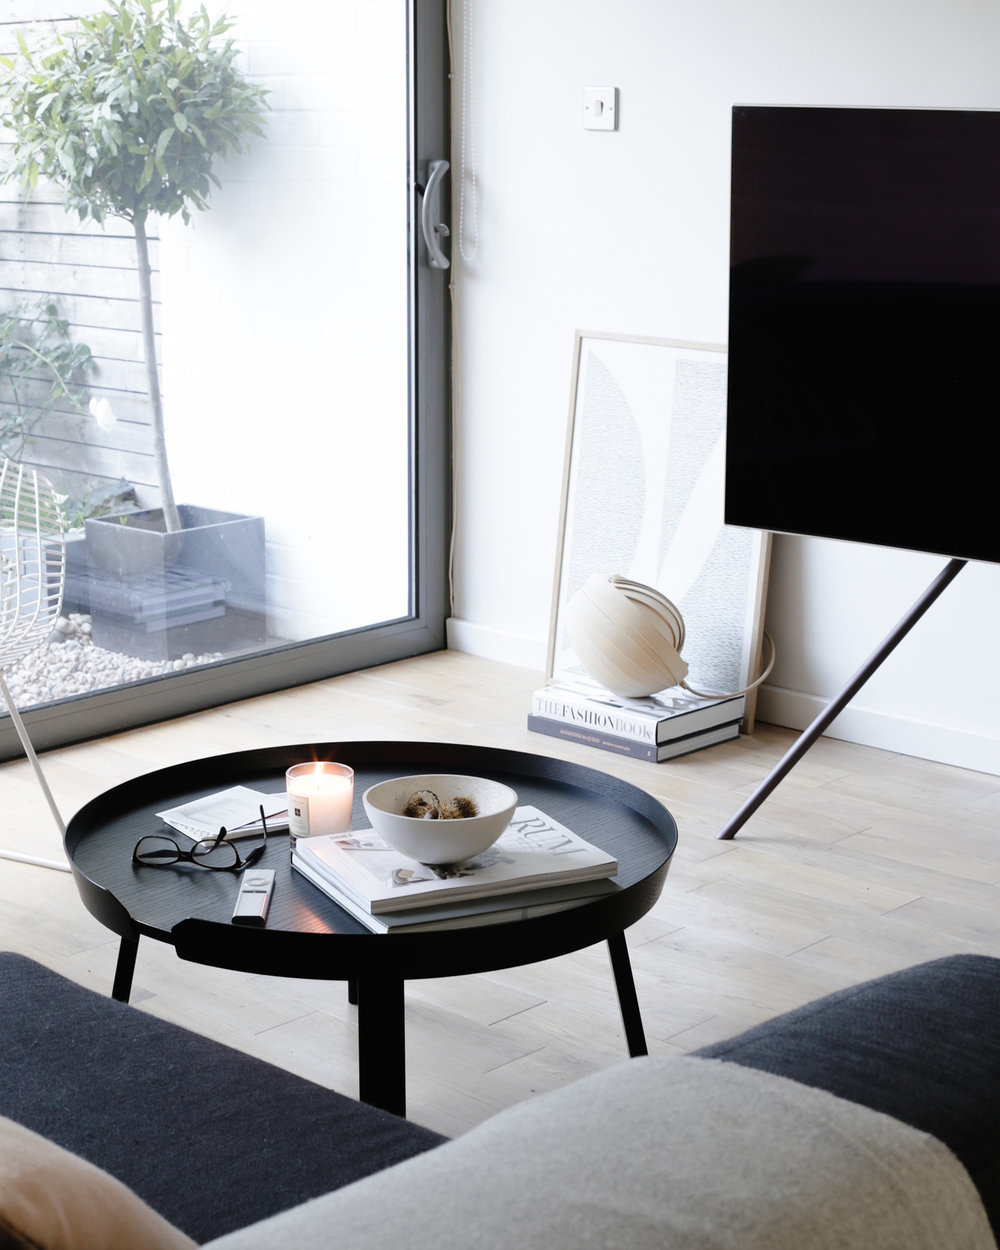 Design Hunter living room with Samsung QLED TV 1500px.jpg